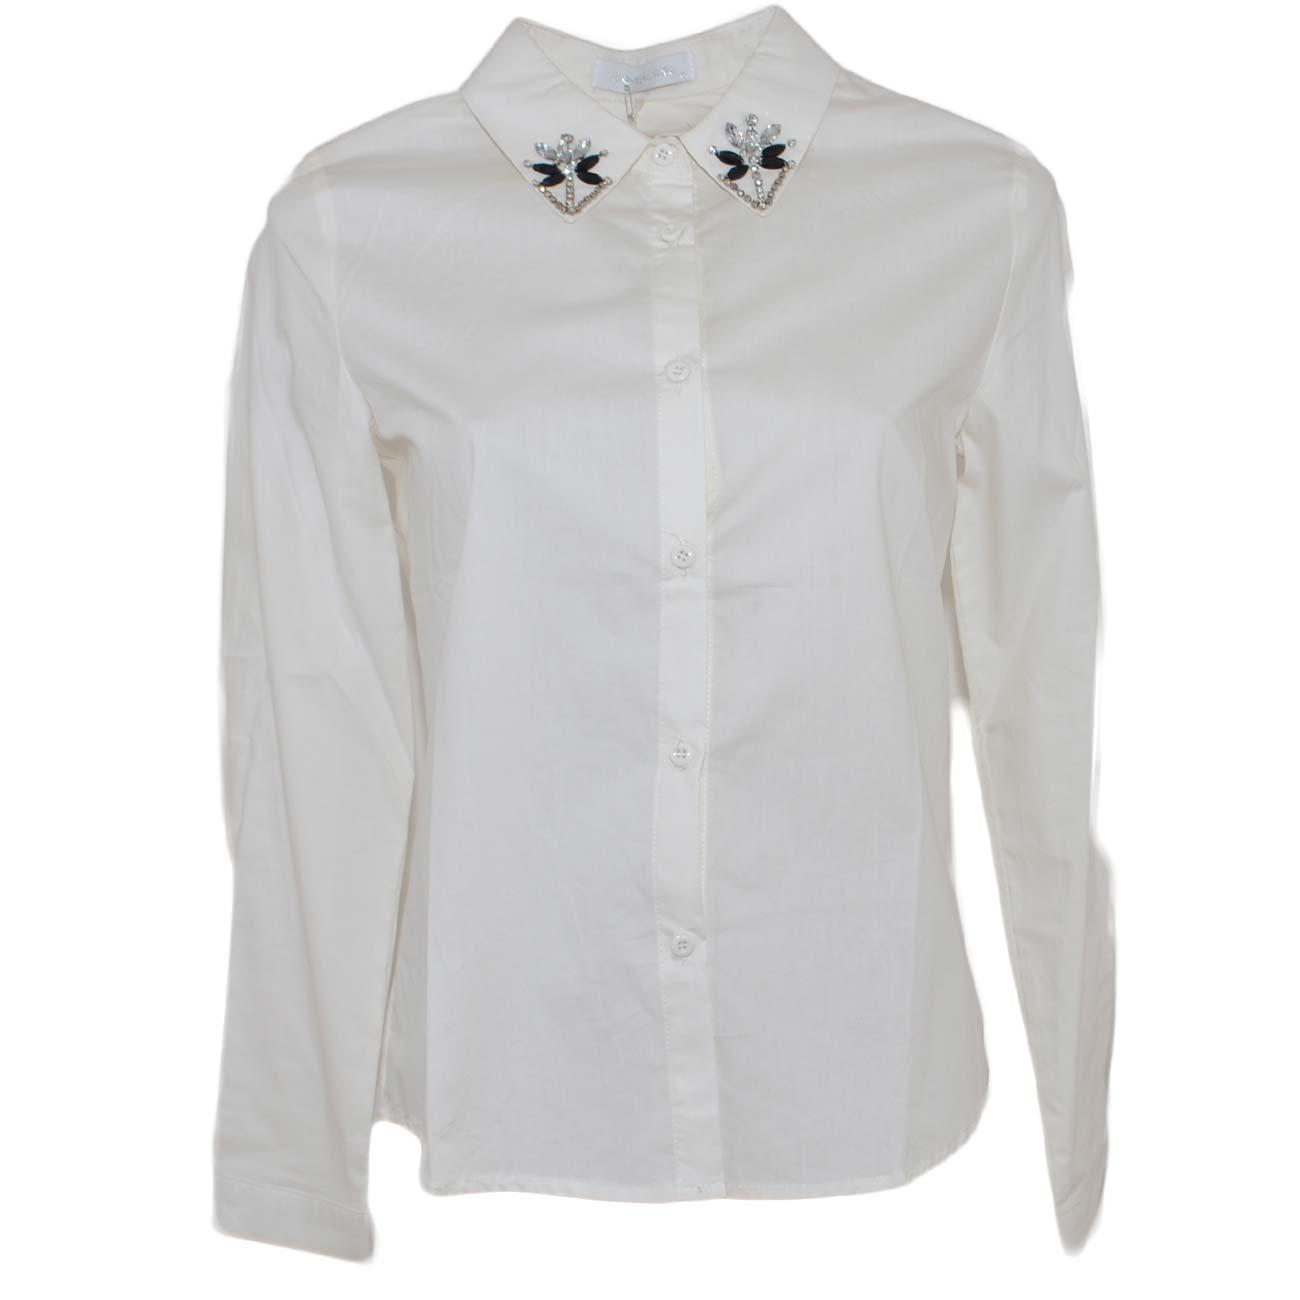 019c69ae34 Camicia donna bianca in cotone classica con applicazioni e strass su  colletto abbottonatura basic maschile moda donna camicie Malu Shoes |  MaluShoes